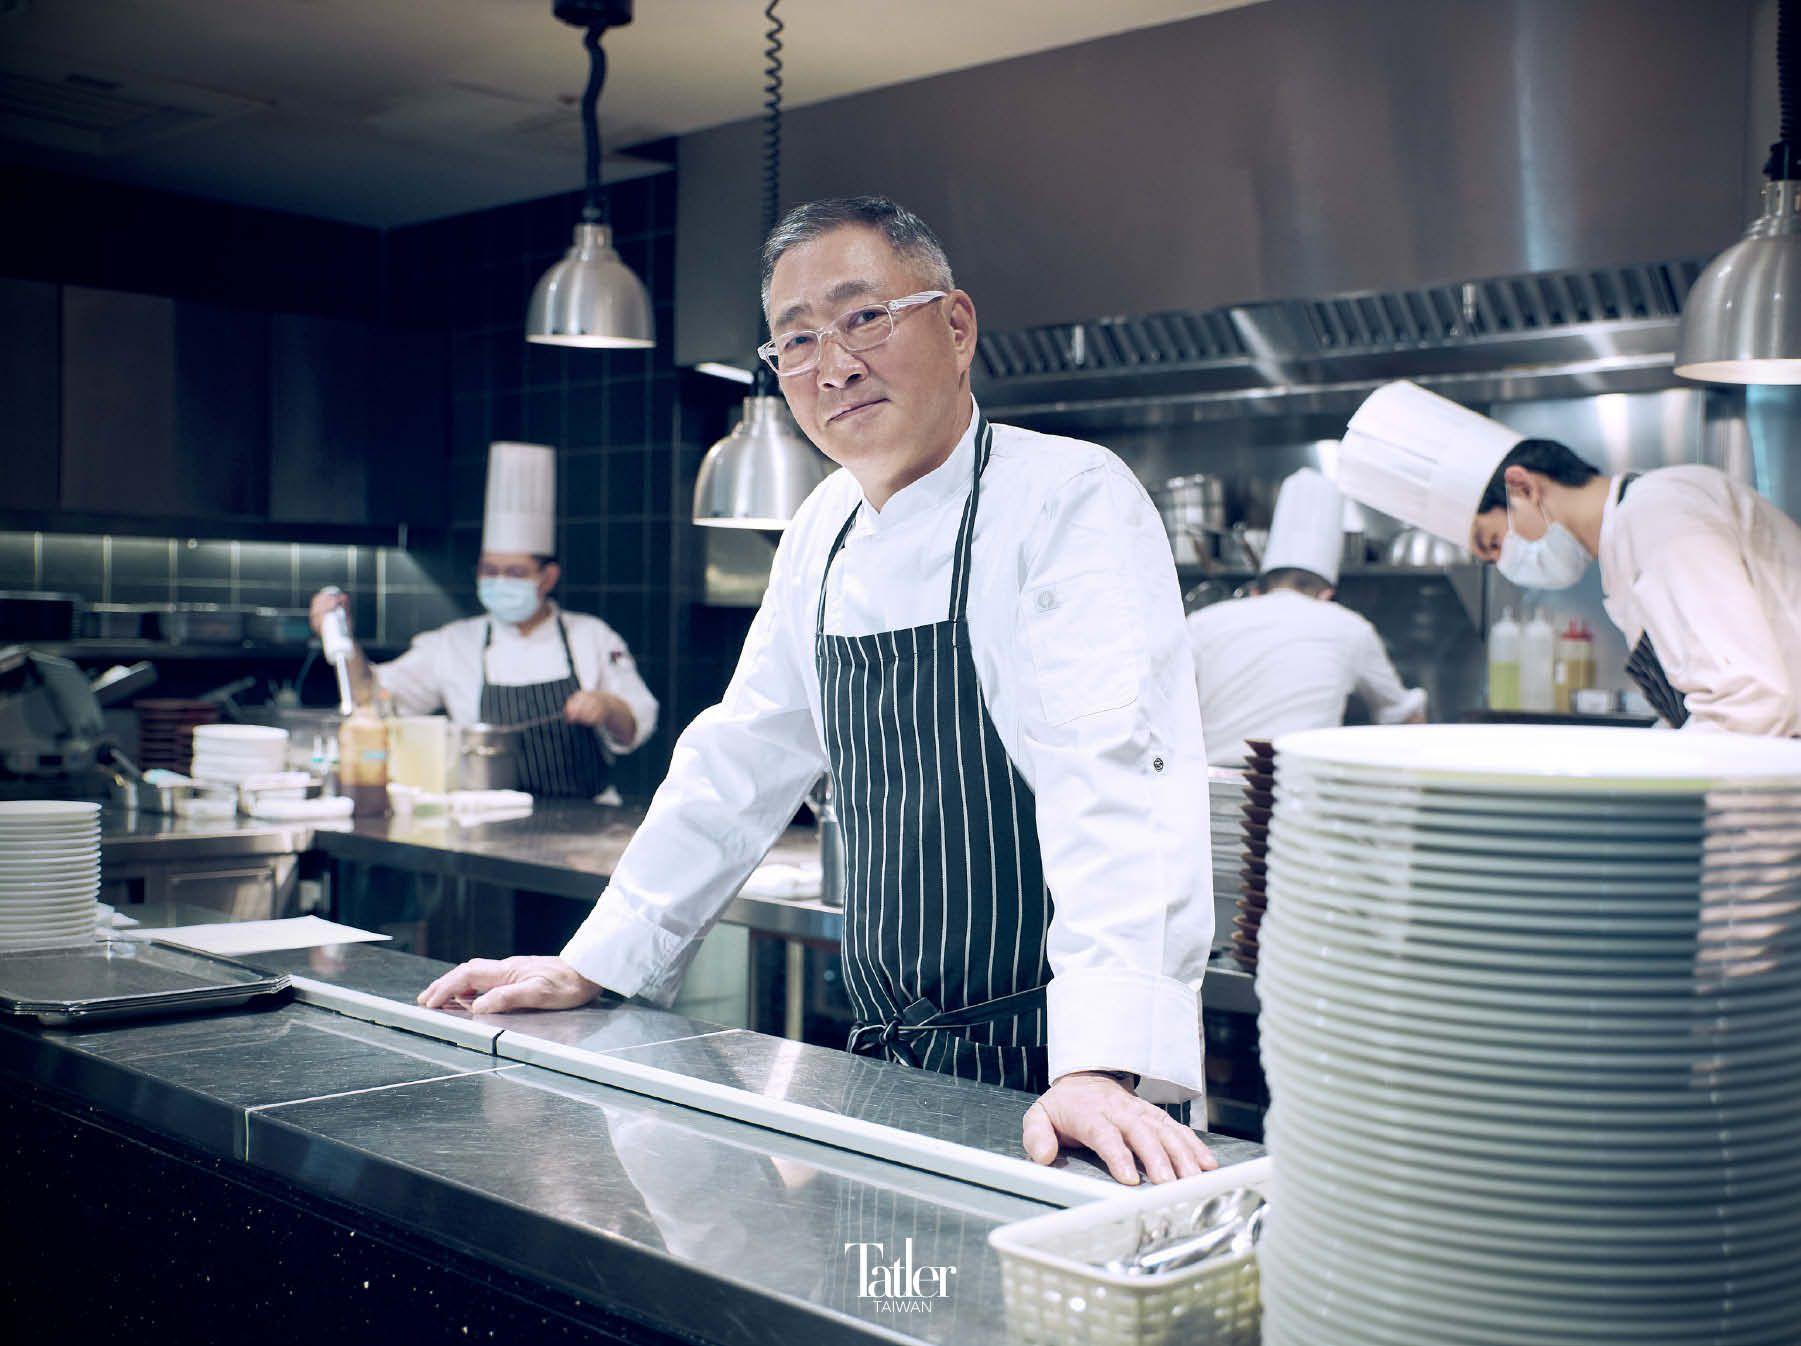 【2021亞洲餐飲影響力人士】牛排教父鄧有癸,關於一塊牛排的學問